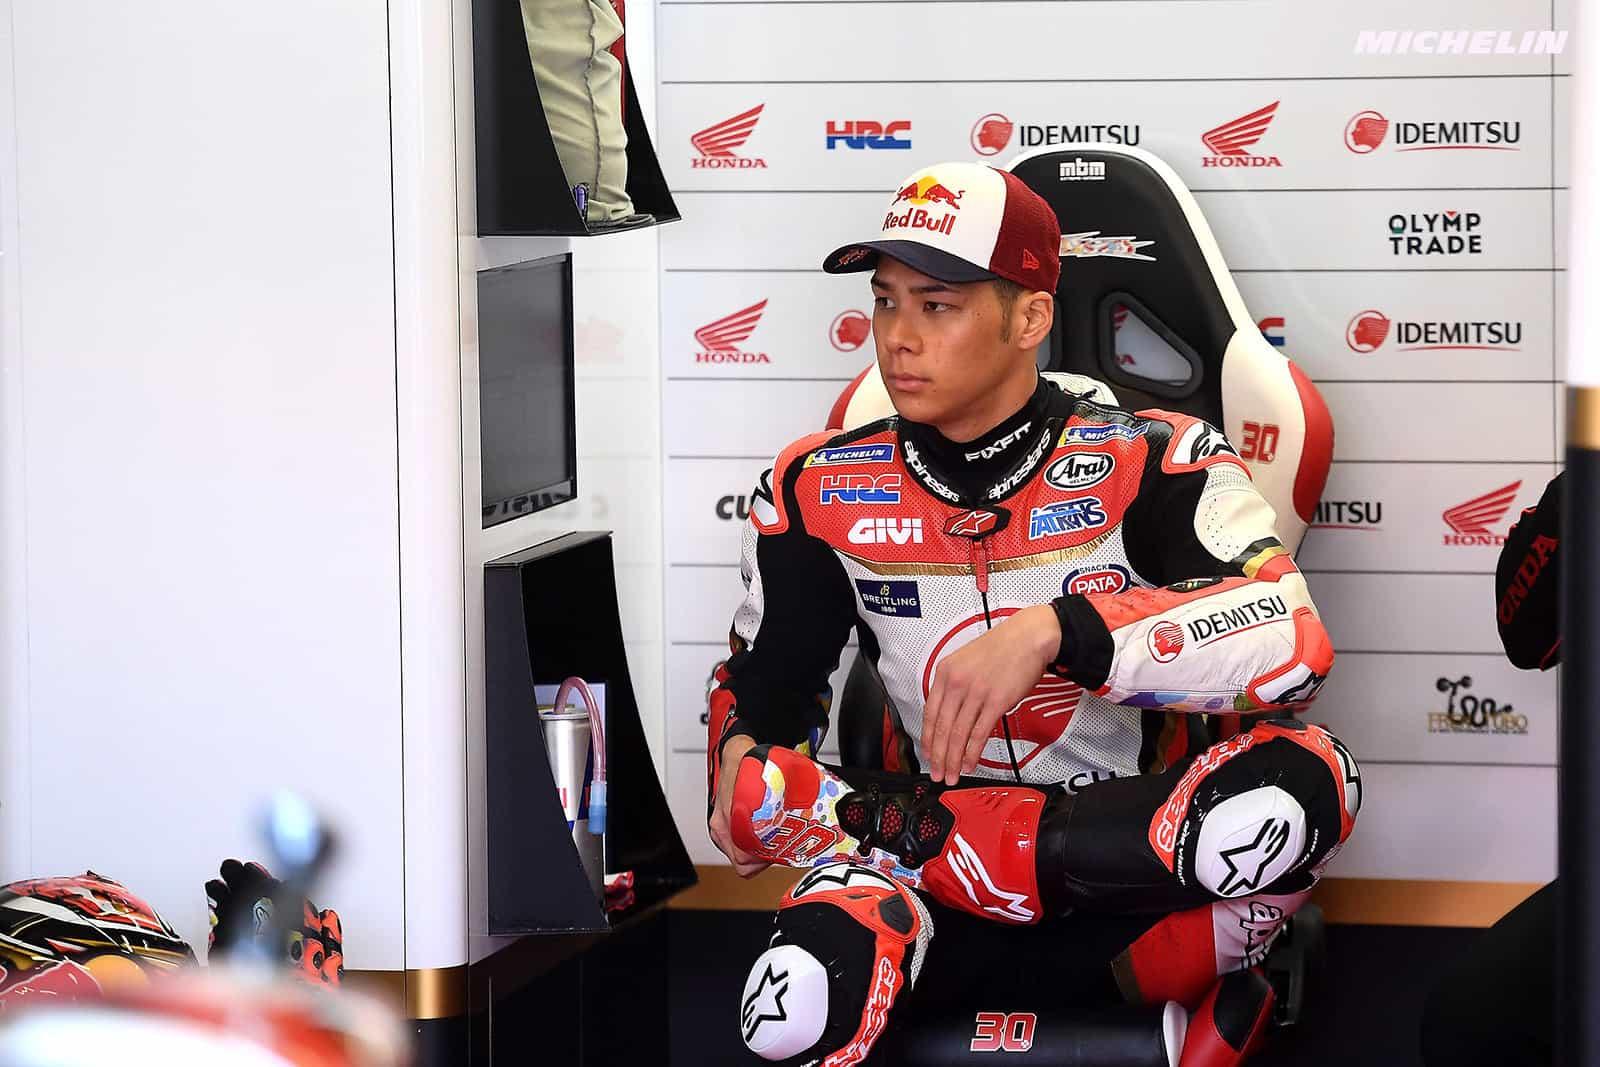 MotoGP2019フランスGP 予選7位 中上 「まずはレースを完走すること」